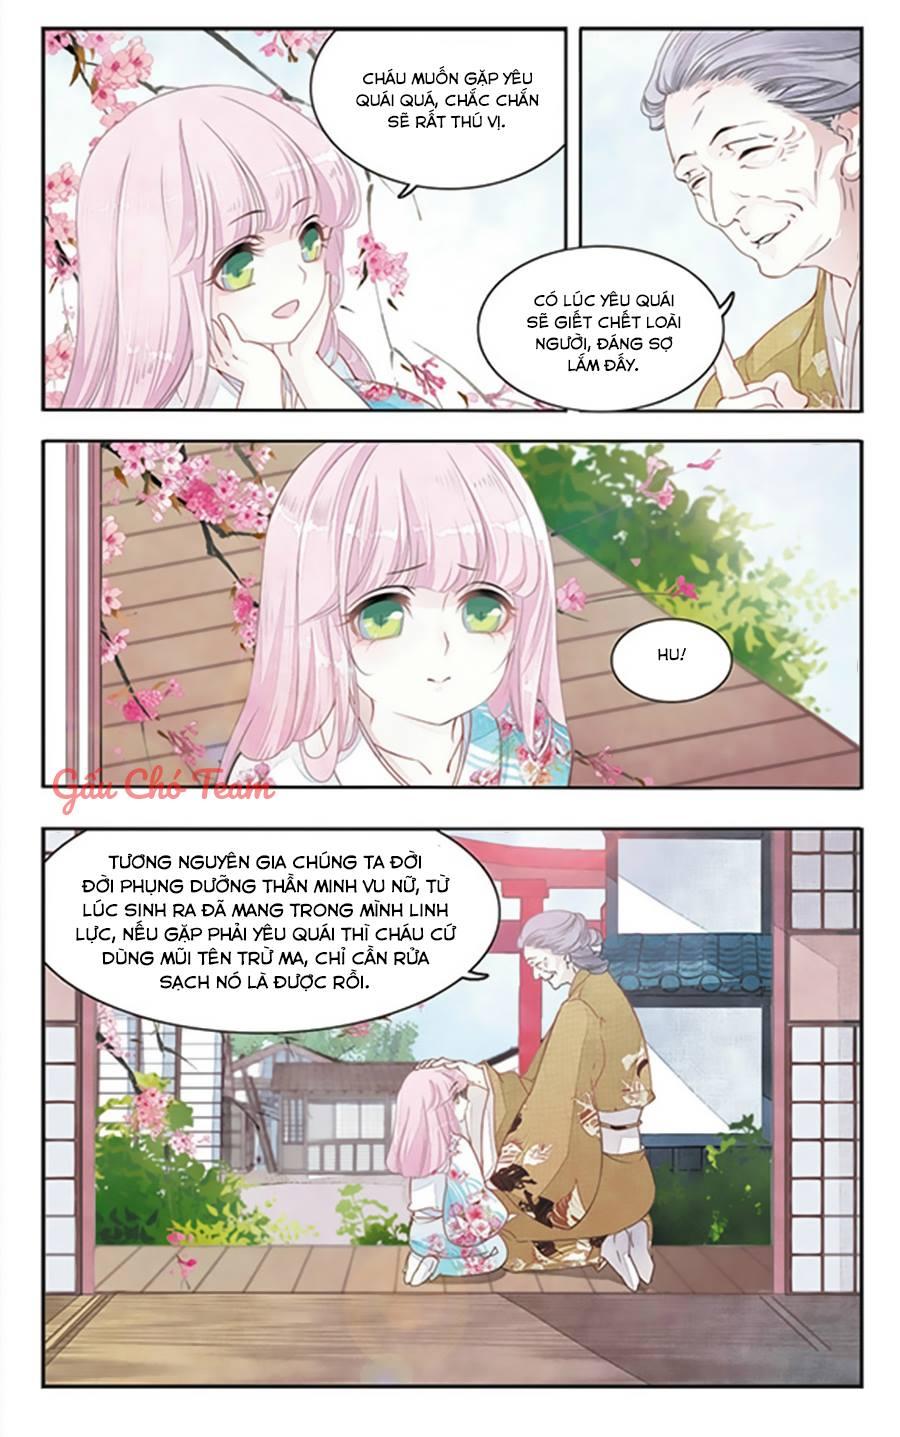 Yêu Chủ Đại Nhân Phải Lòng Vu Nữ chap 1 - Trang 4